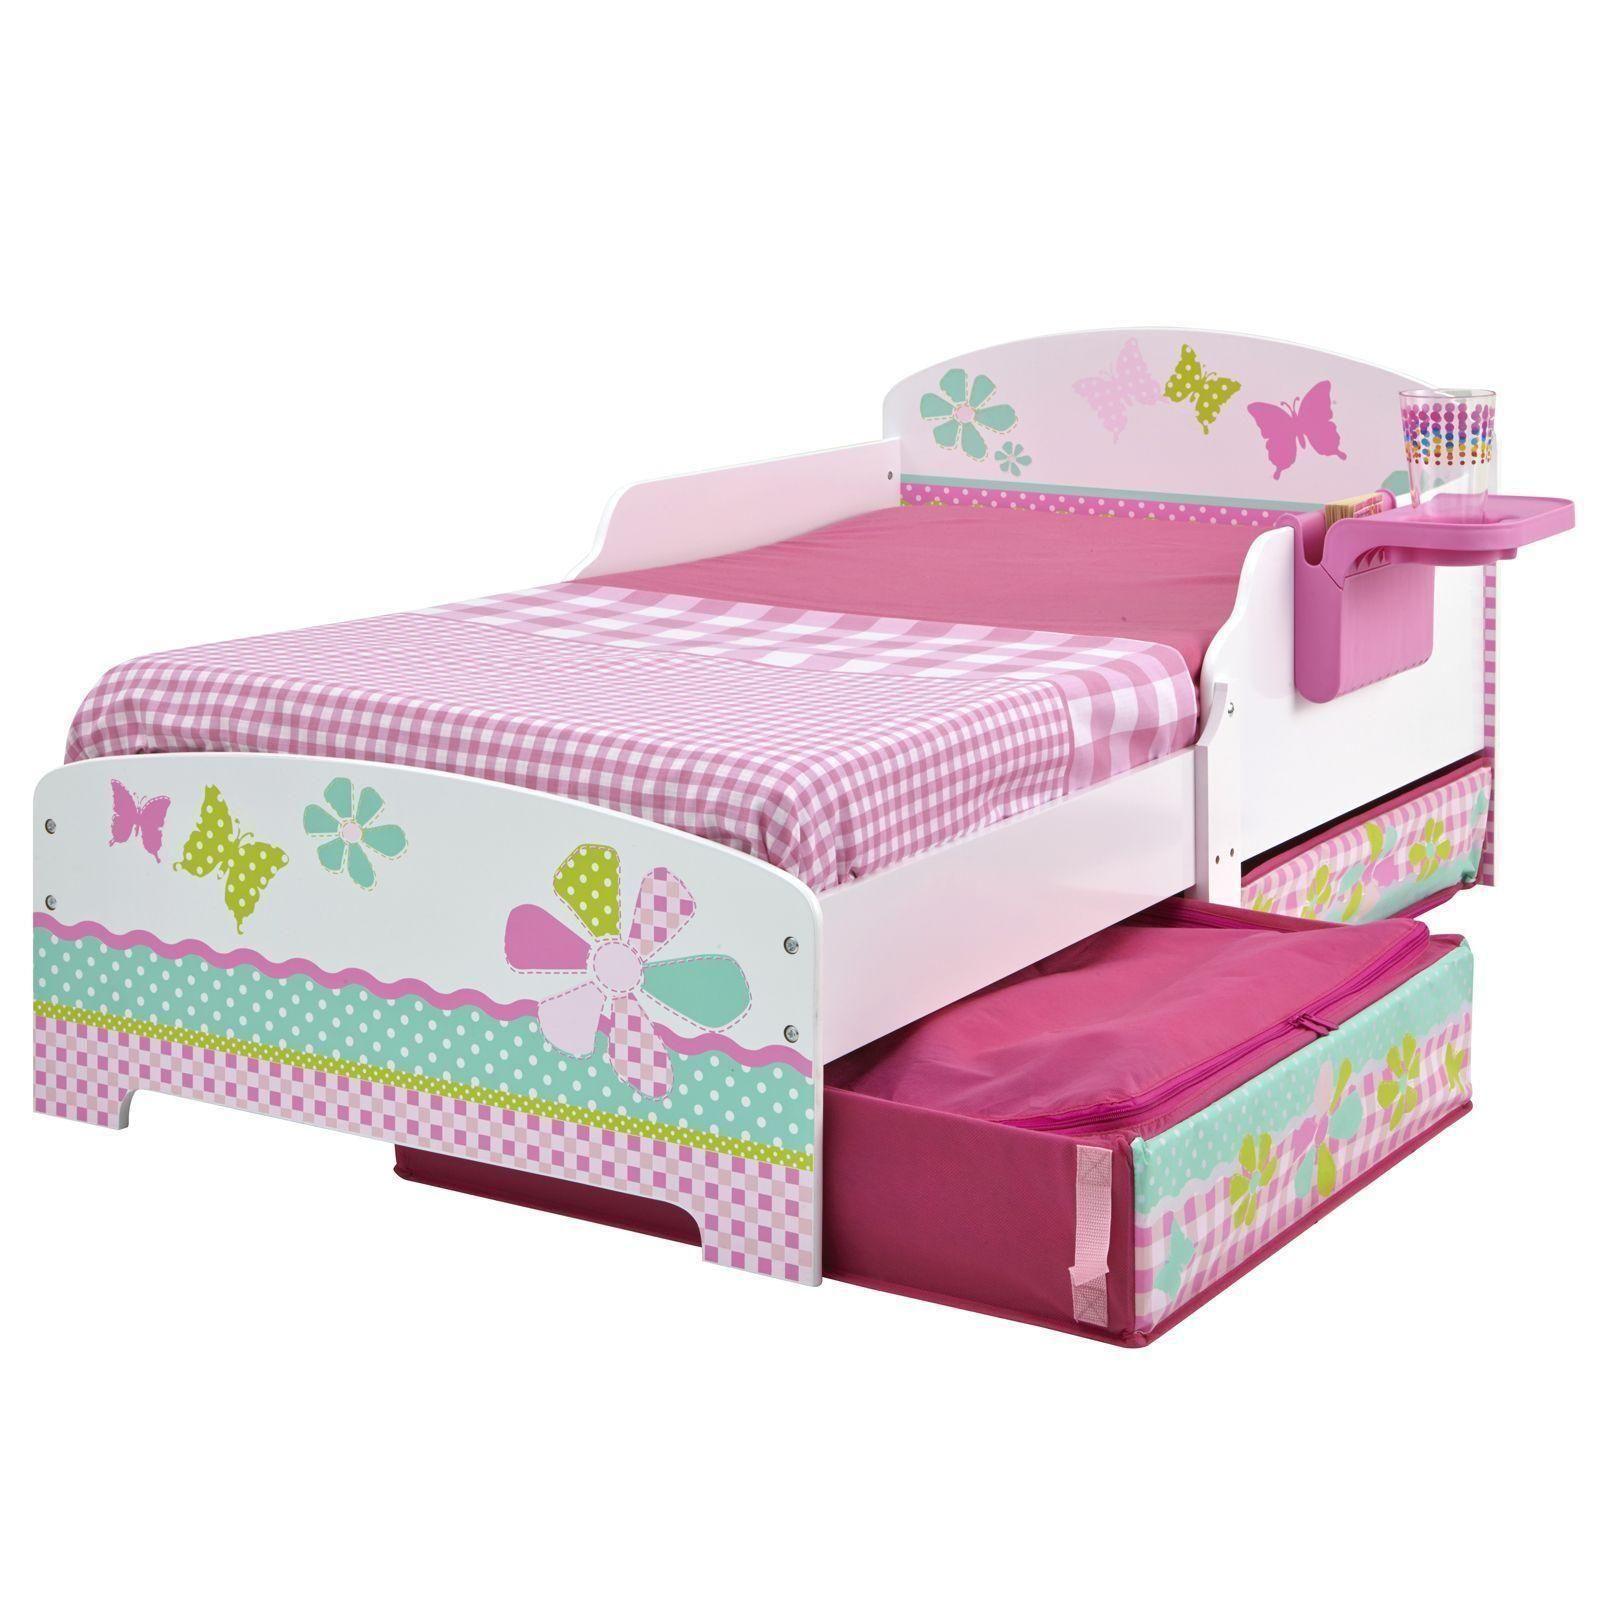 m dchen blumen schmetterlinge kleinkind bett mit ablage. Black Bedroom Furniture Sets. Home Design Ideas